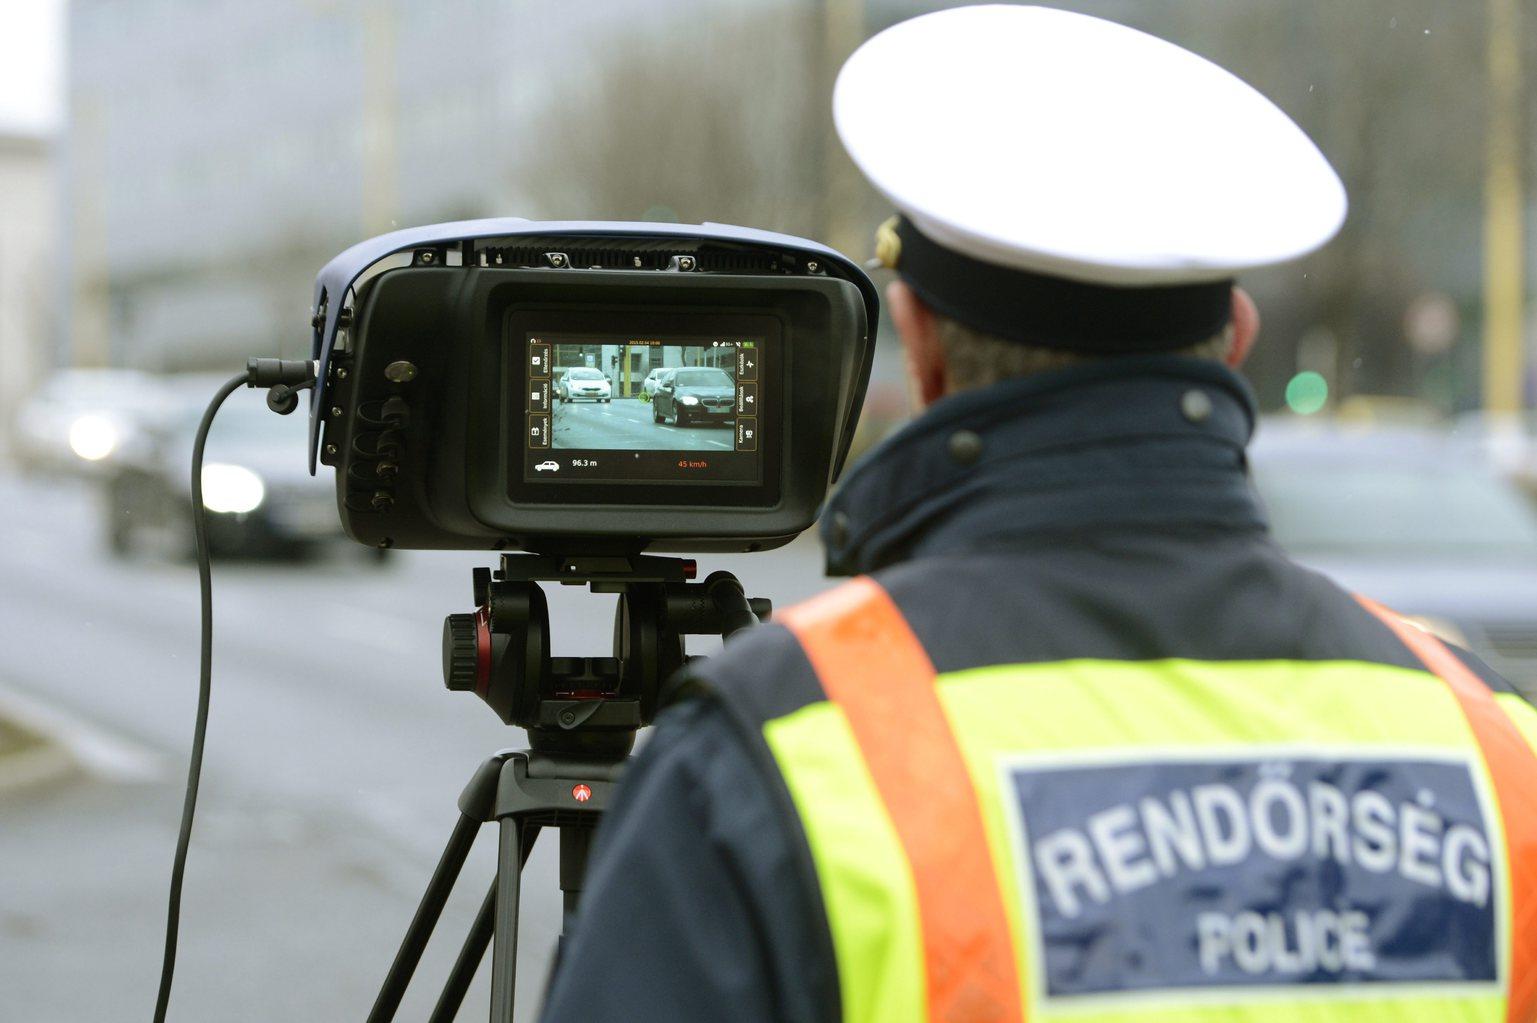 Egy rendőr új mérőműszerrel dolgozik egy komplex közúti ellenőrző ponton Budapesten, a XII. kerületi Alkotás úton 2015. február 4-én. Új közlekedési ellenőrzési rendszert tesztel a rendőrség februárban, az első 160 változtatható helyű kamerát már kiosztották a megyei rendőr-főkapitányságoknak, további mintegy 130 fix kamerát pedig az év végéig telepítenek. MTI Fotó: Kovács Tamás